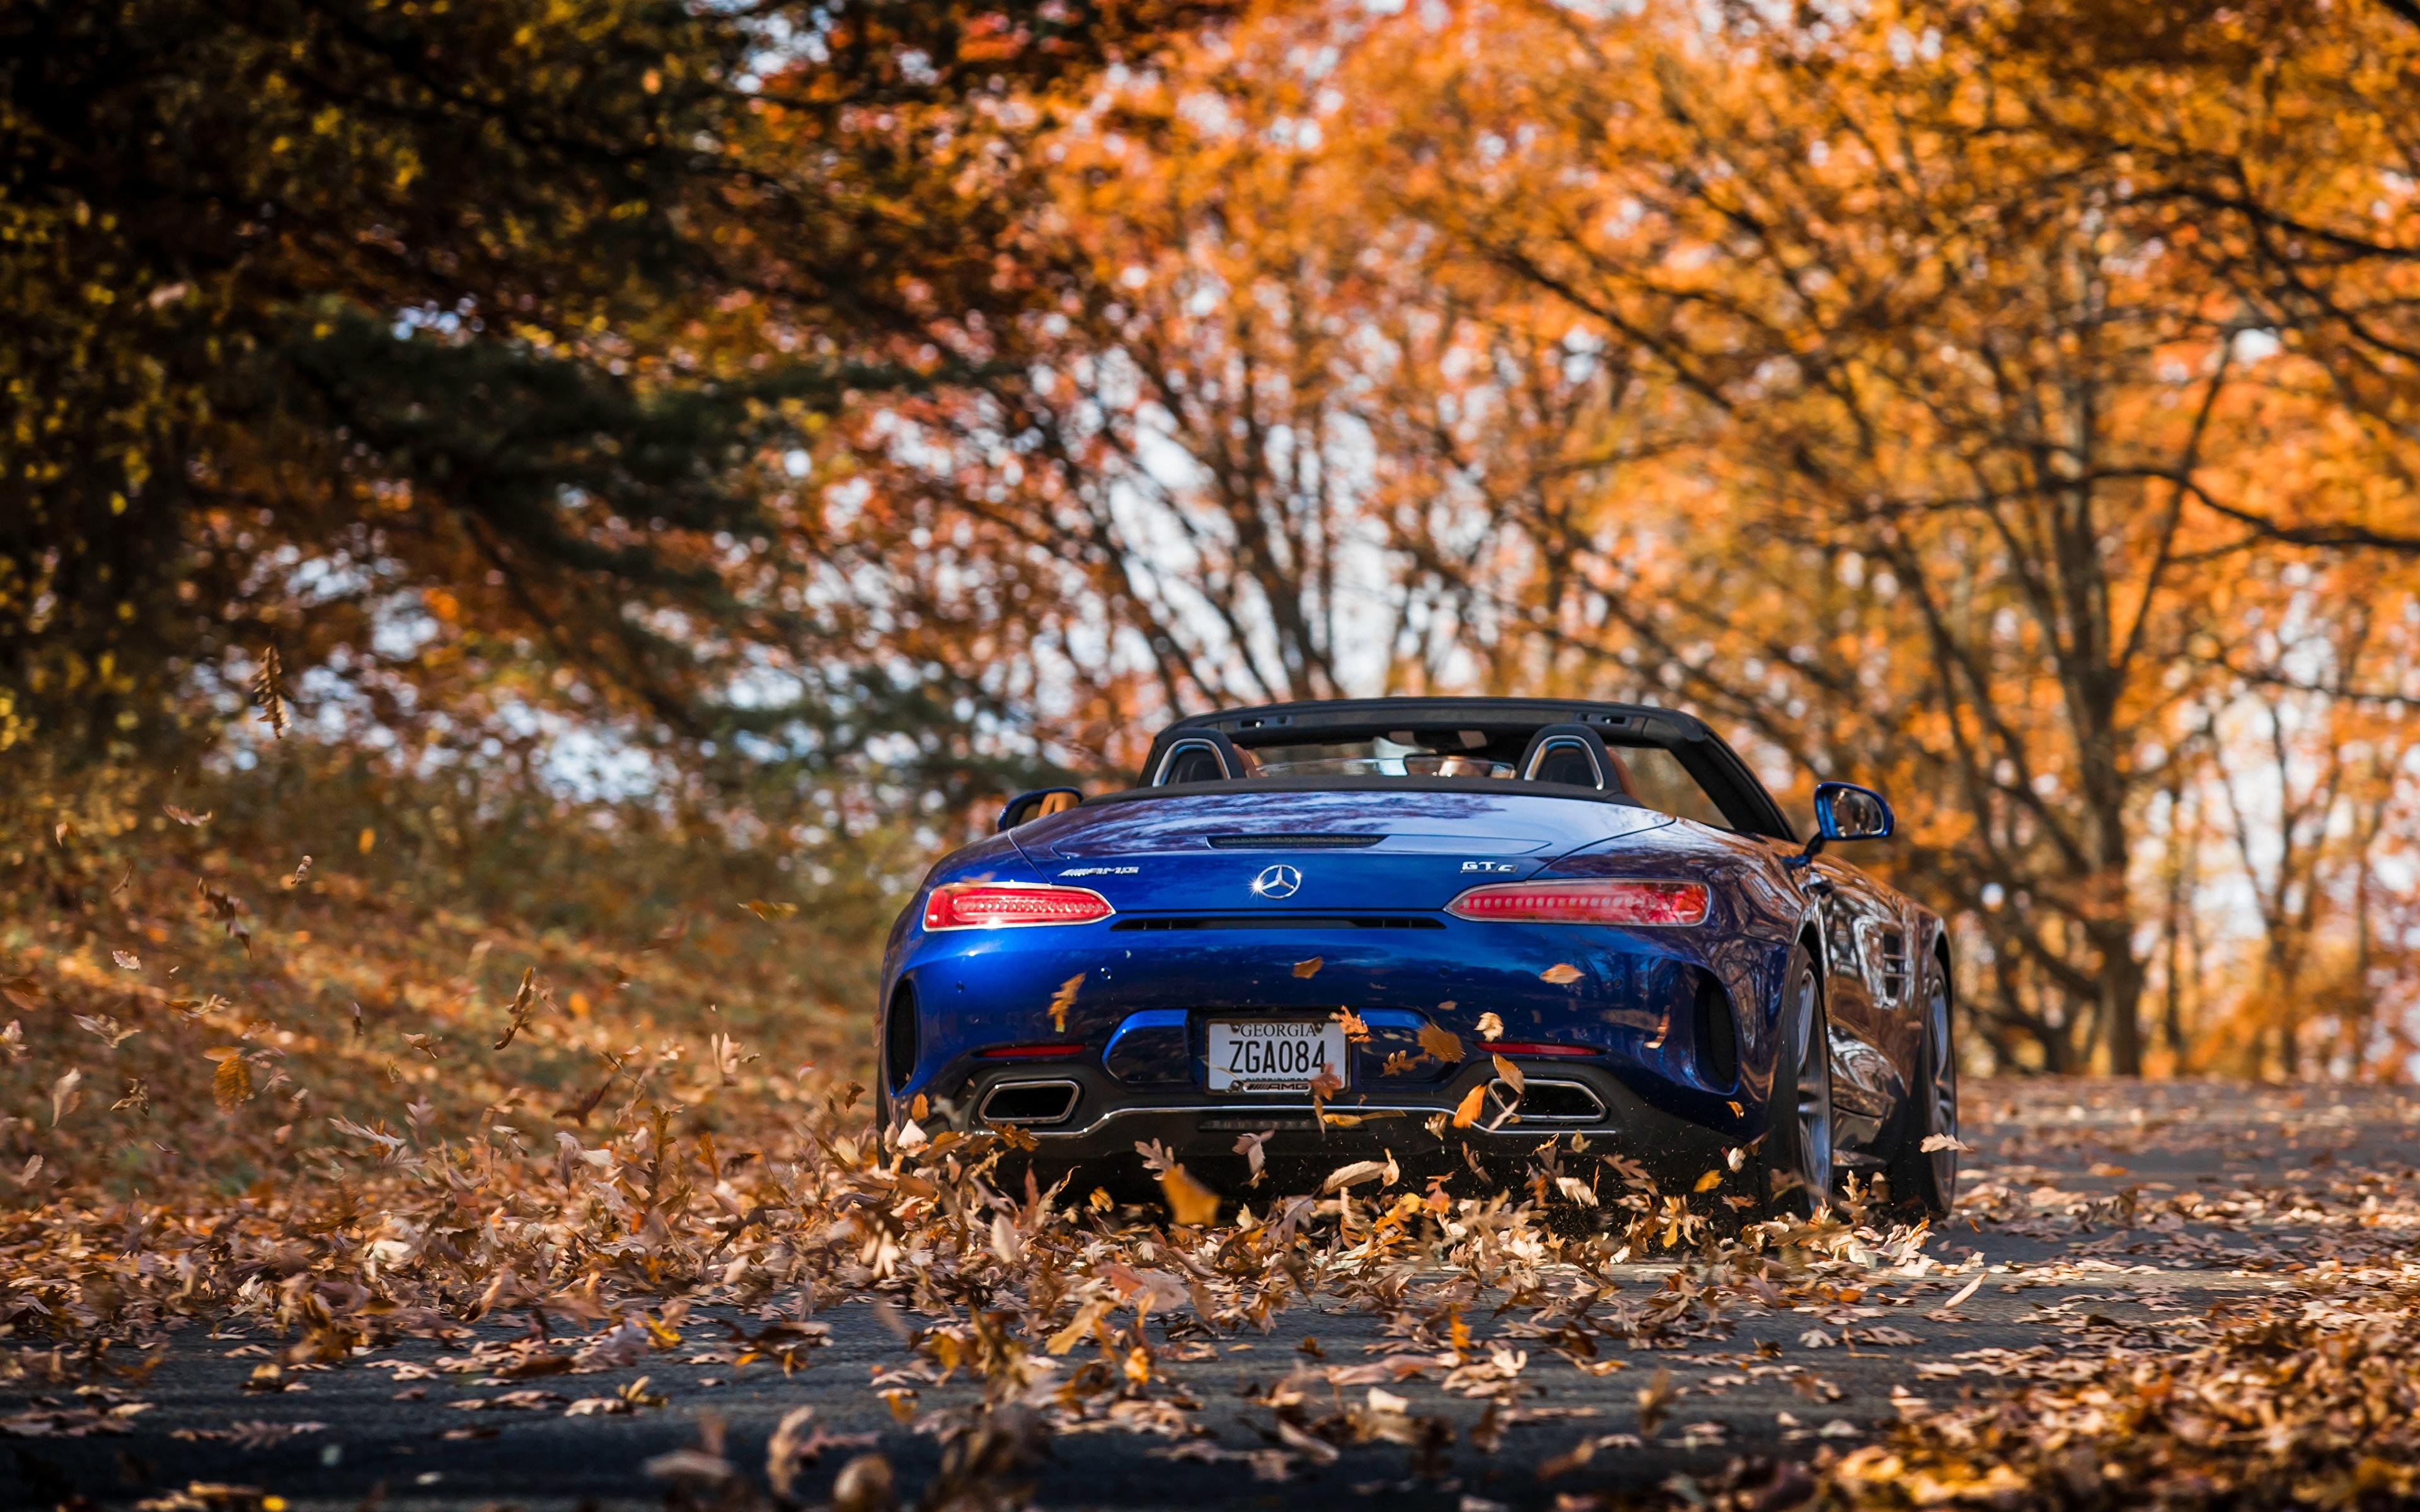 Фото Mercedes-Benz Листья AMG 2018 GT C Родстер синяя вид сзади Автомобили 3840x2400 Мерседес бенц лист Листва синих синие Синий авто Сзади машина машины автомобиль